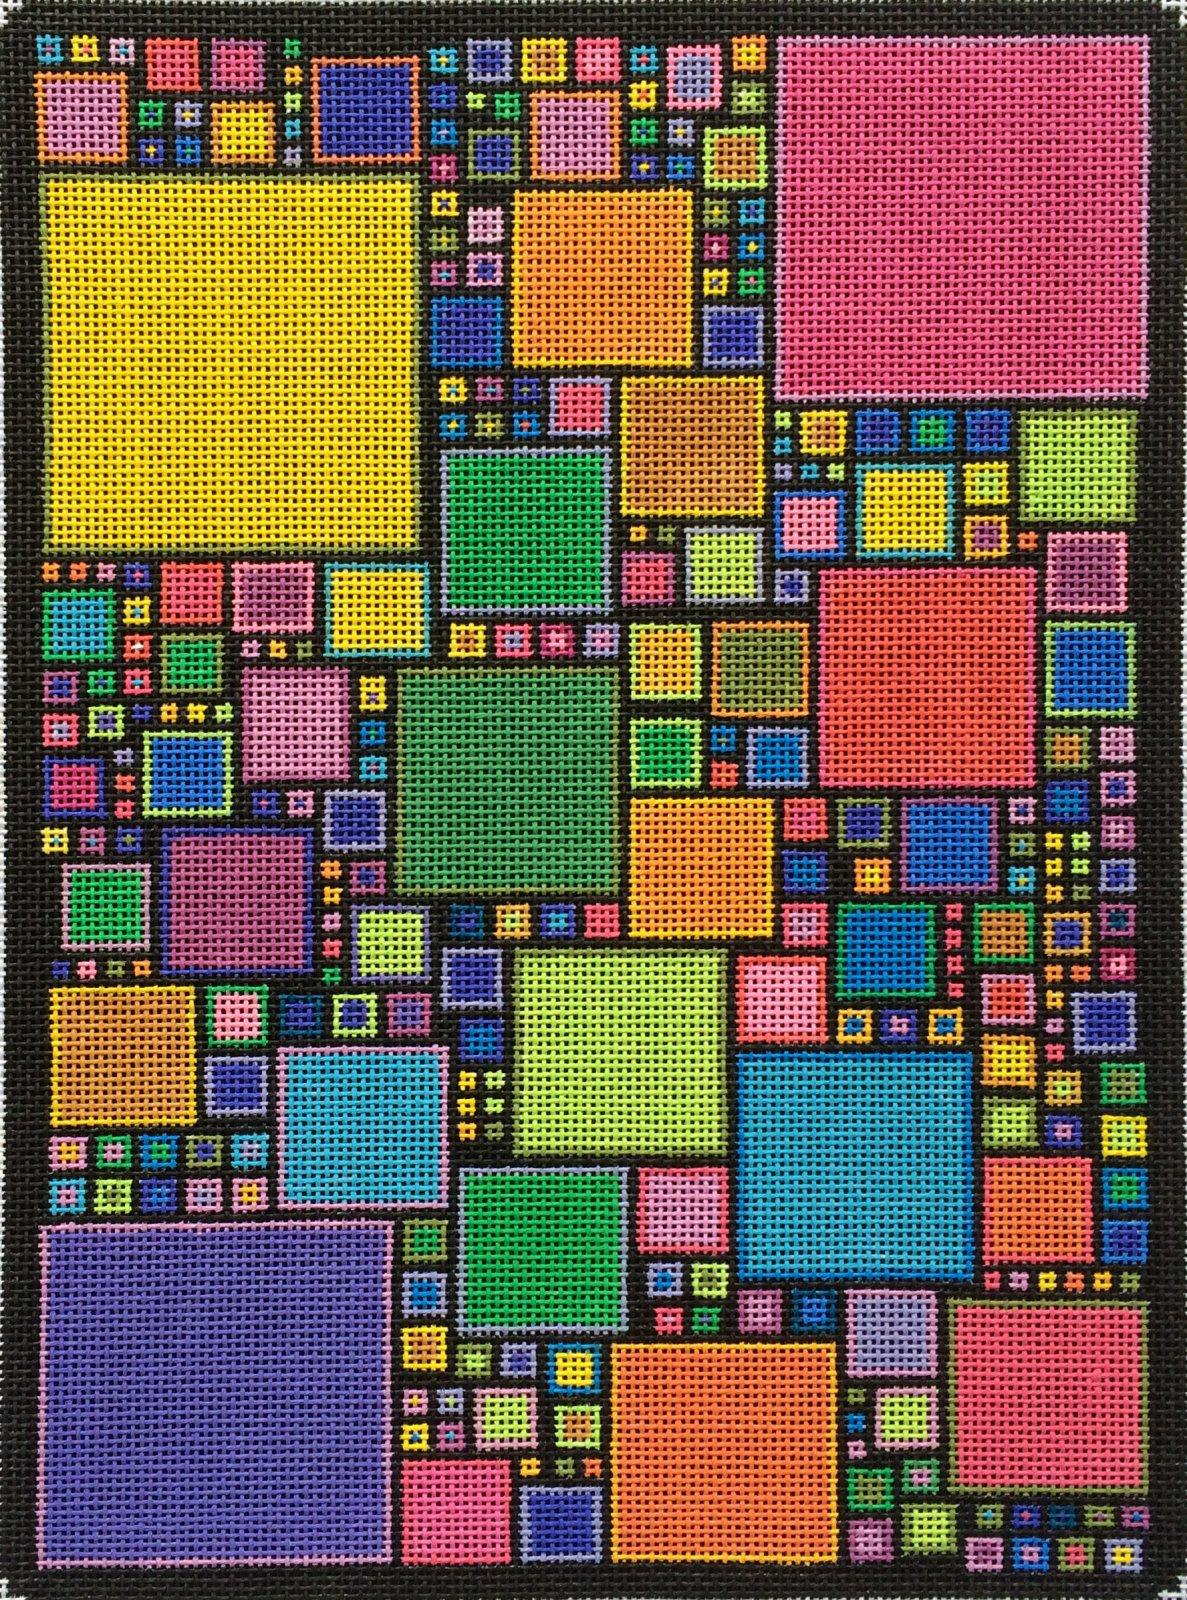 DH3889 - iPad Circuit Board